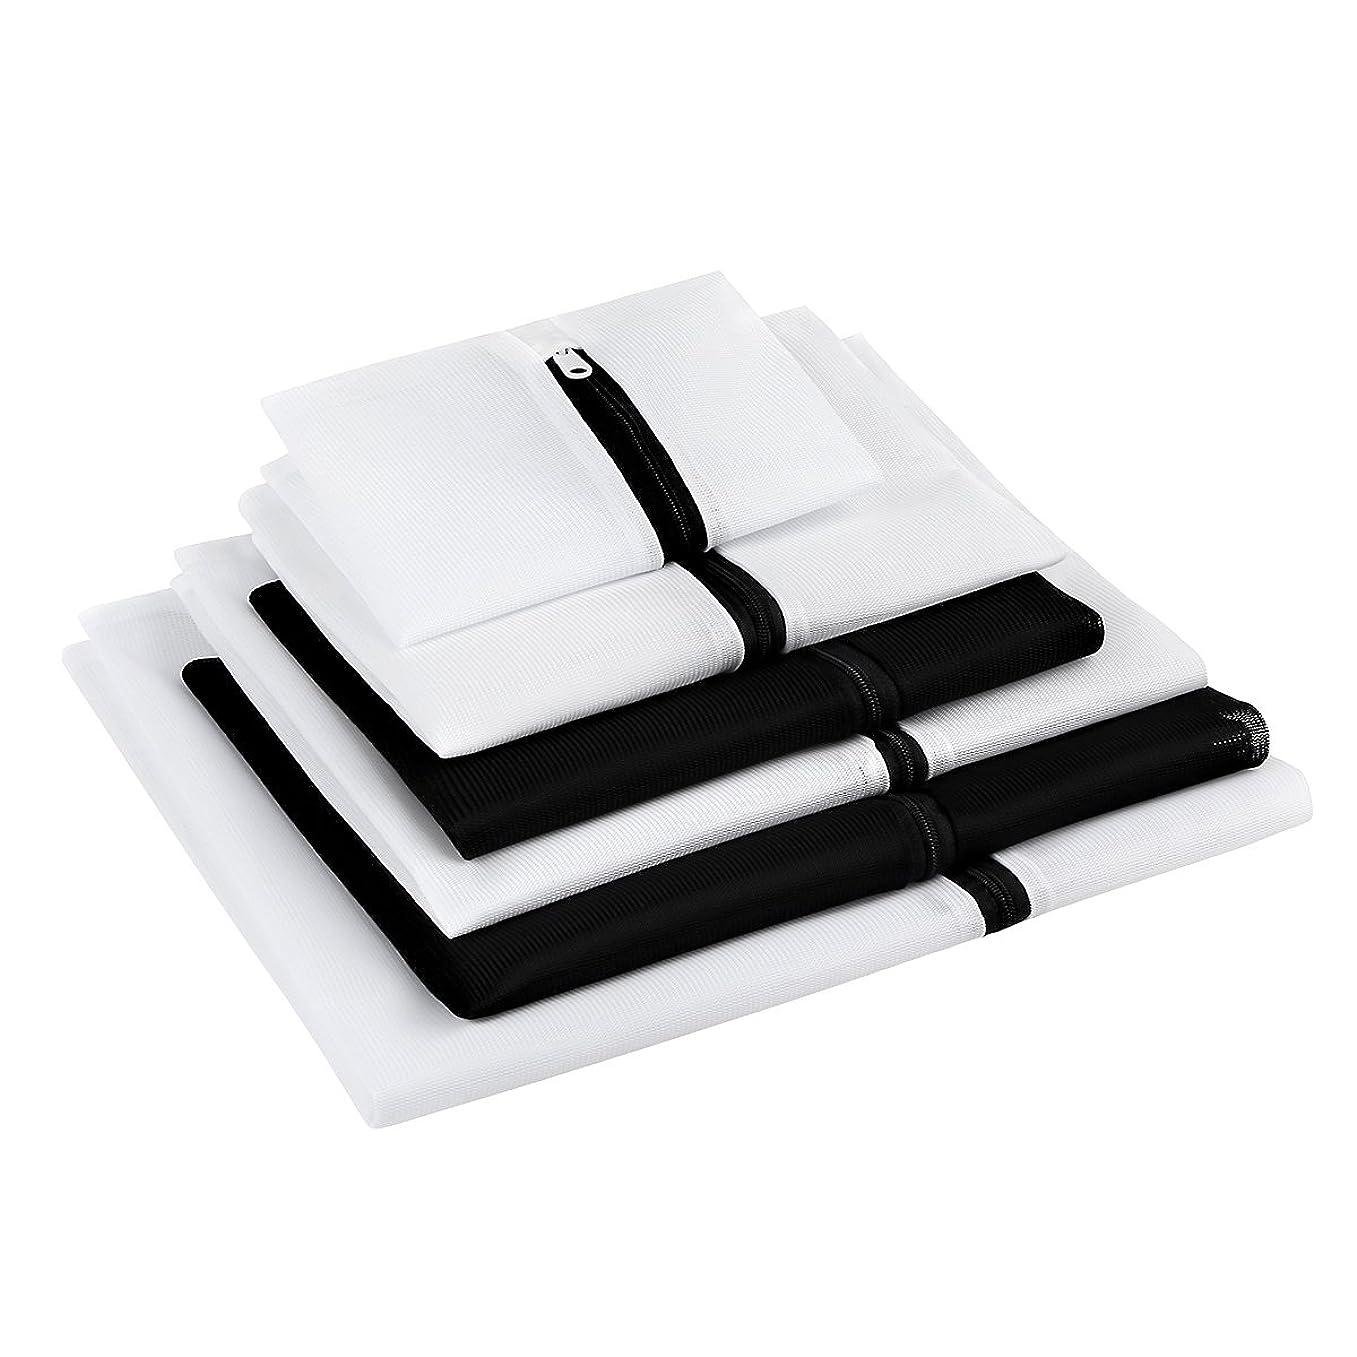 マスタードプレミアム社会科GLAMOURIC 洗濯ネット ランドリーネット 洗濯袋 6枚入 セット 細目角型 収納 終身交換承り